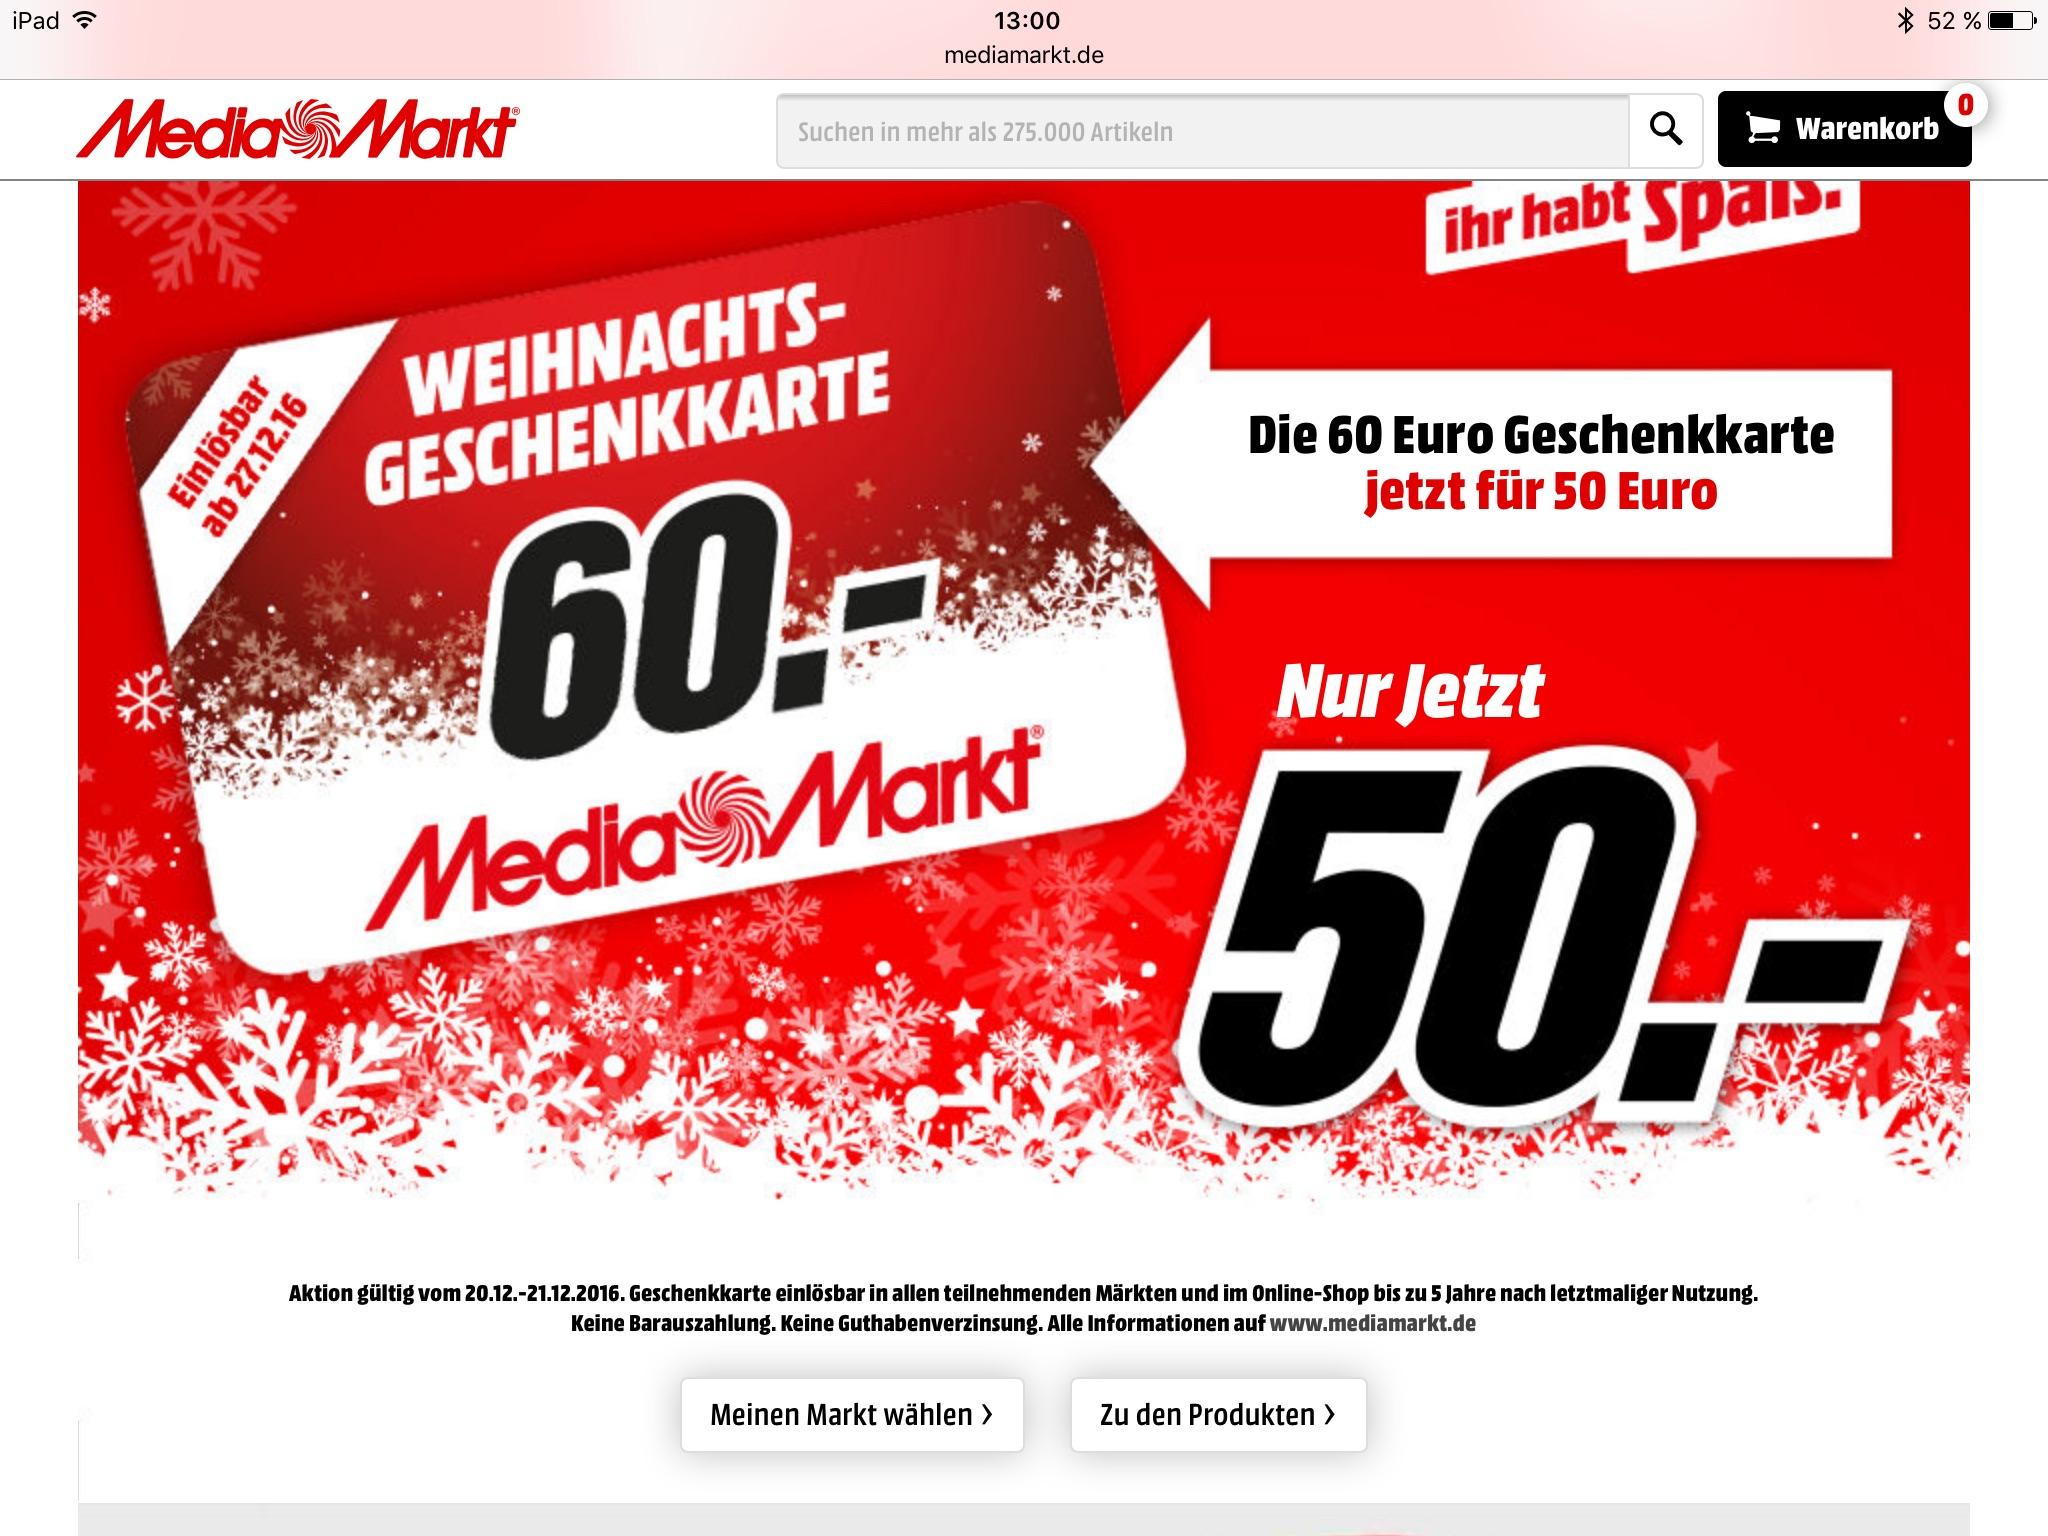 Geleakte Mediamarkt Geschenkkarten Aktion 2016 [20.12. - 21.12.]